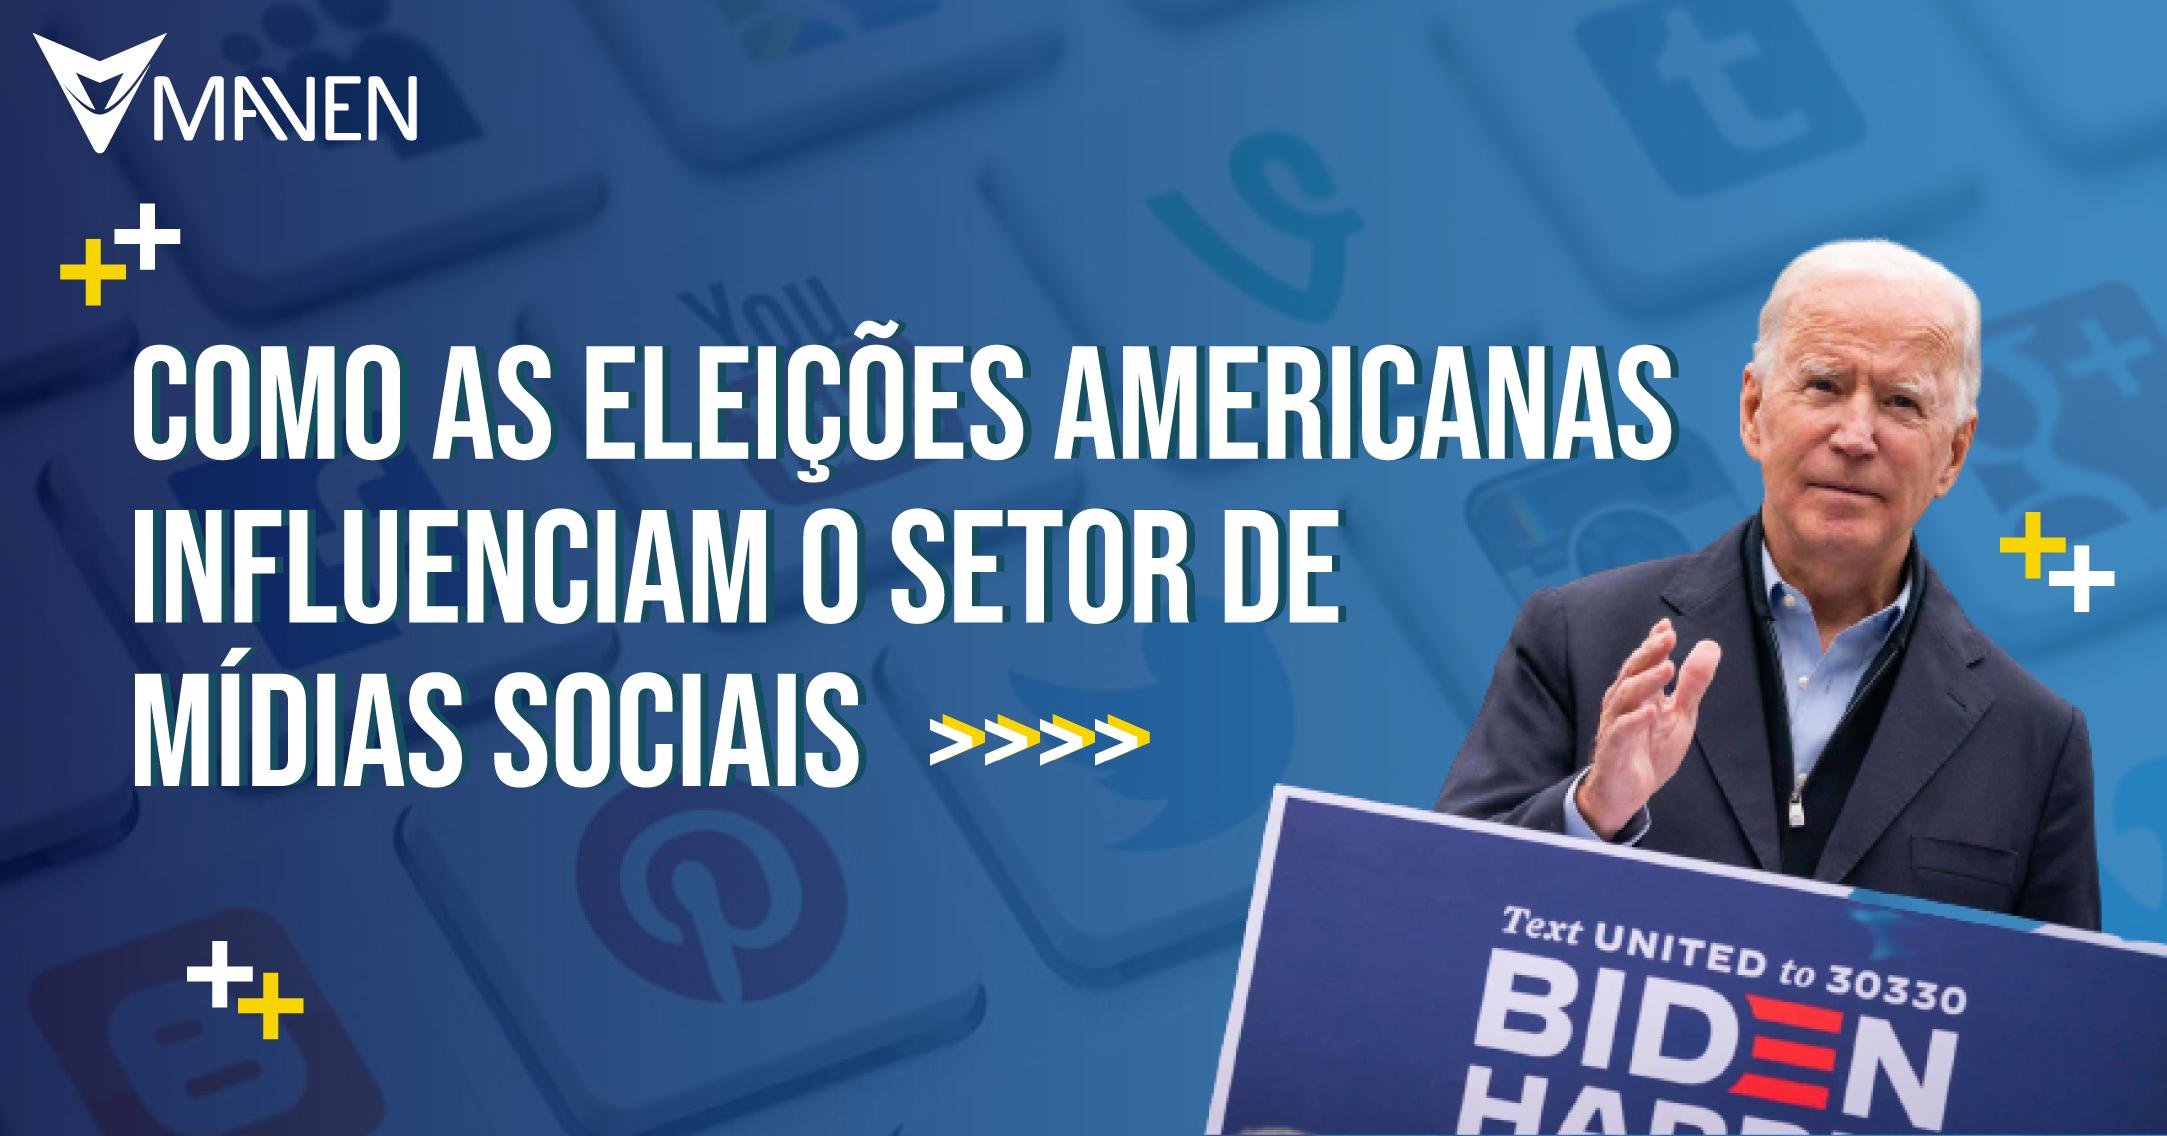 Como as eleições americanas influenciam o setor de mídias sociais